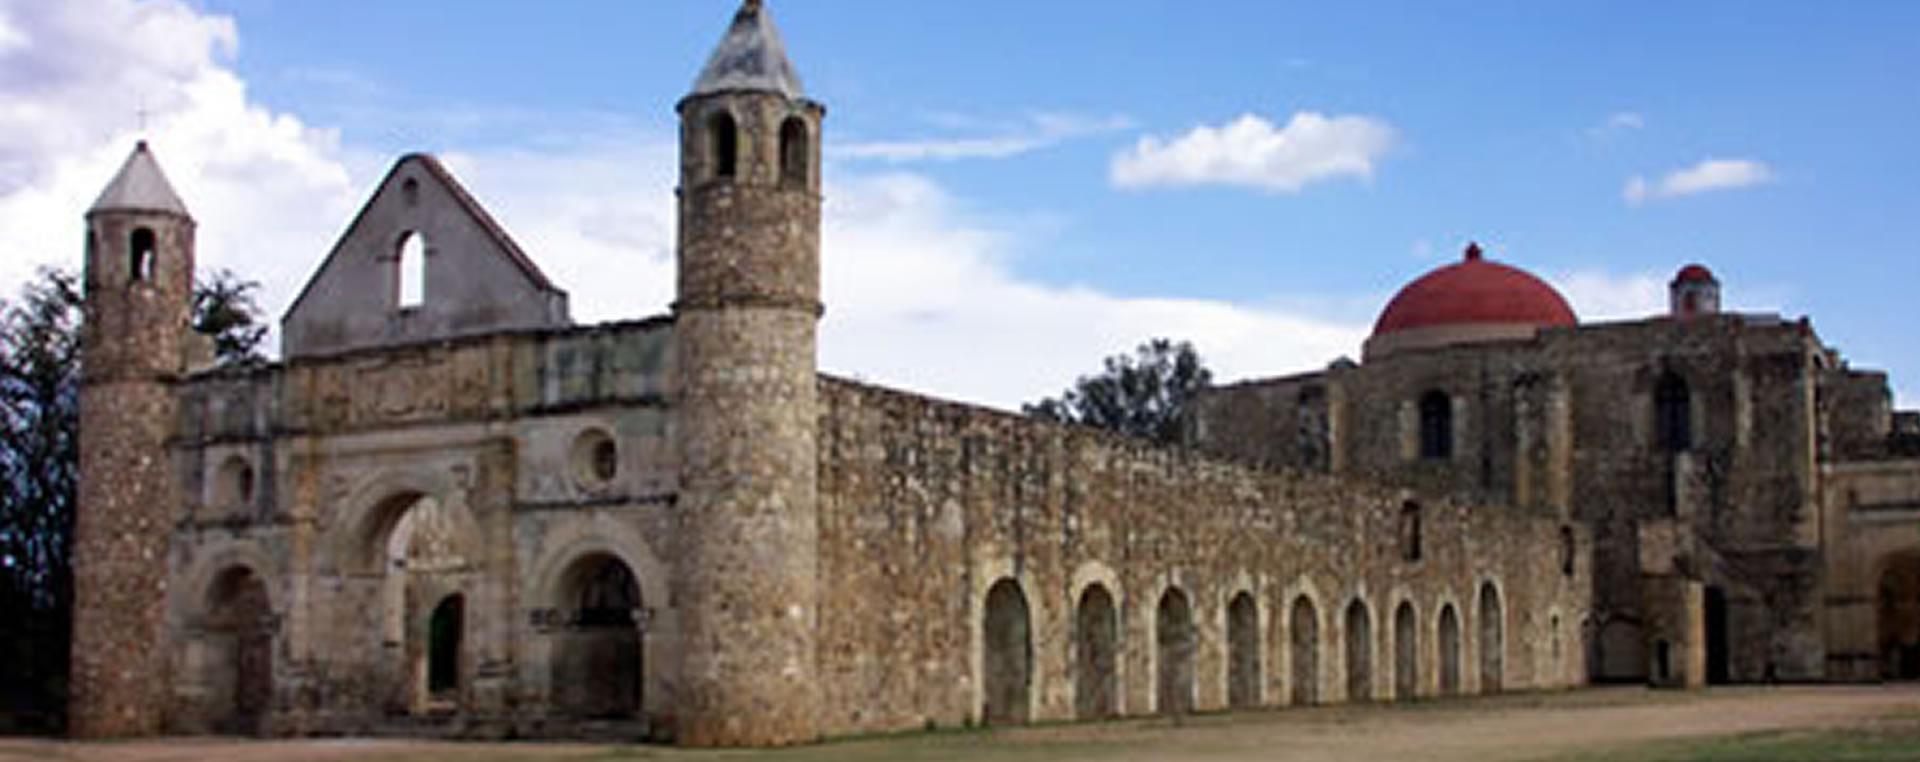 El Ex-convento de Cuilapam